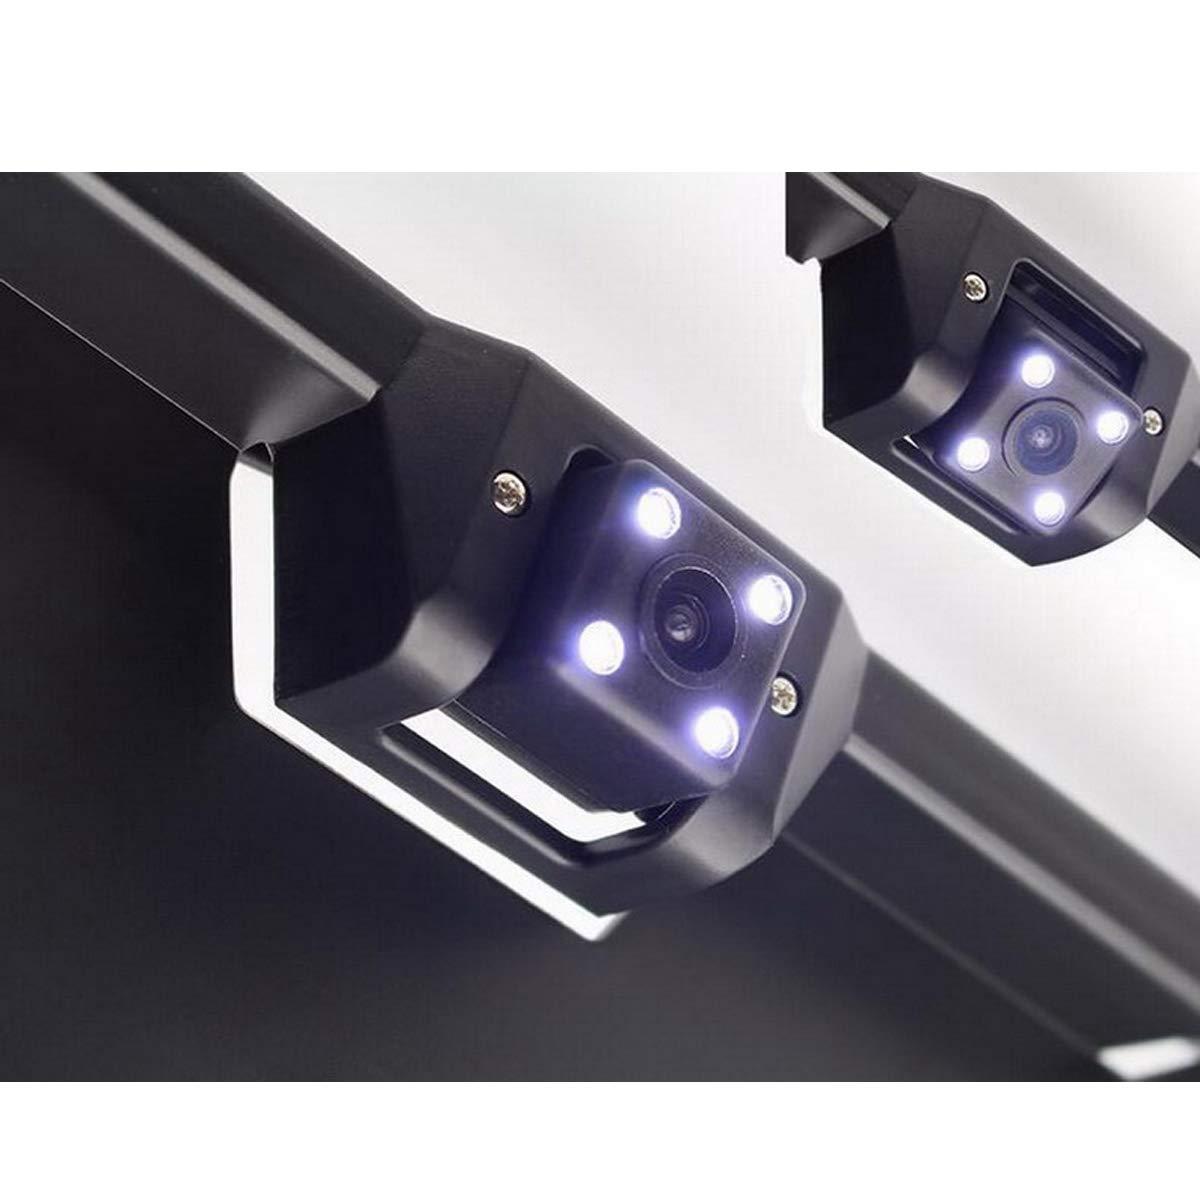 4.3 Pulgadas Espejo retrovisor del Coche Monitor DONGMAO 2in1 4 LED de visi/ón Nocturna Marco de matr/ícula Europea C/ámara de estacionamiento